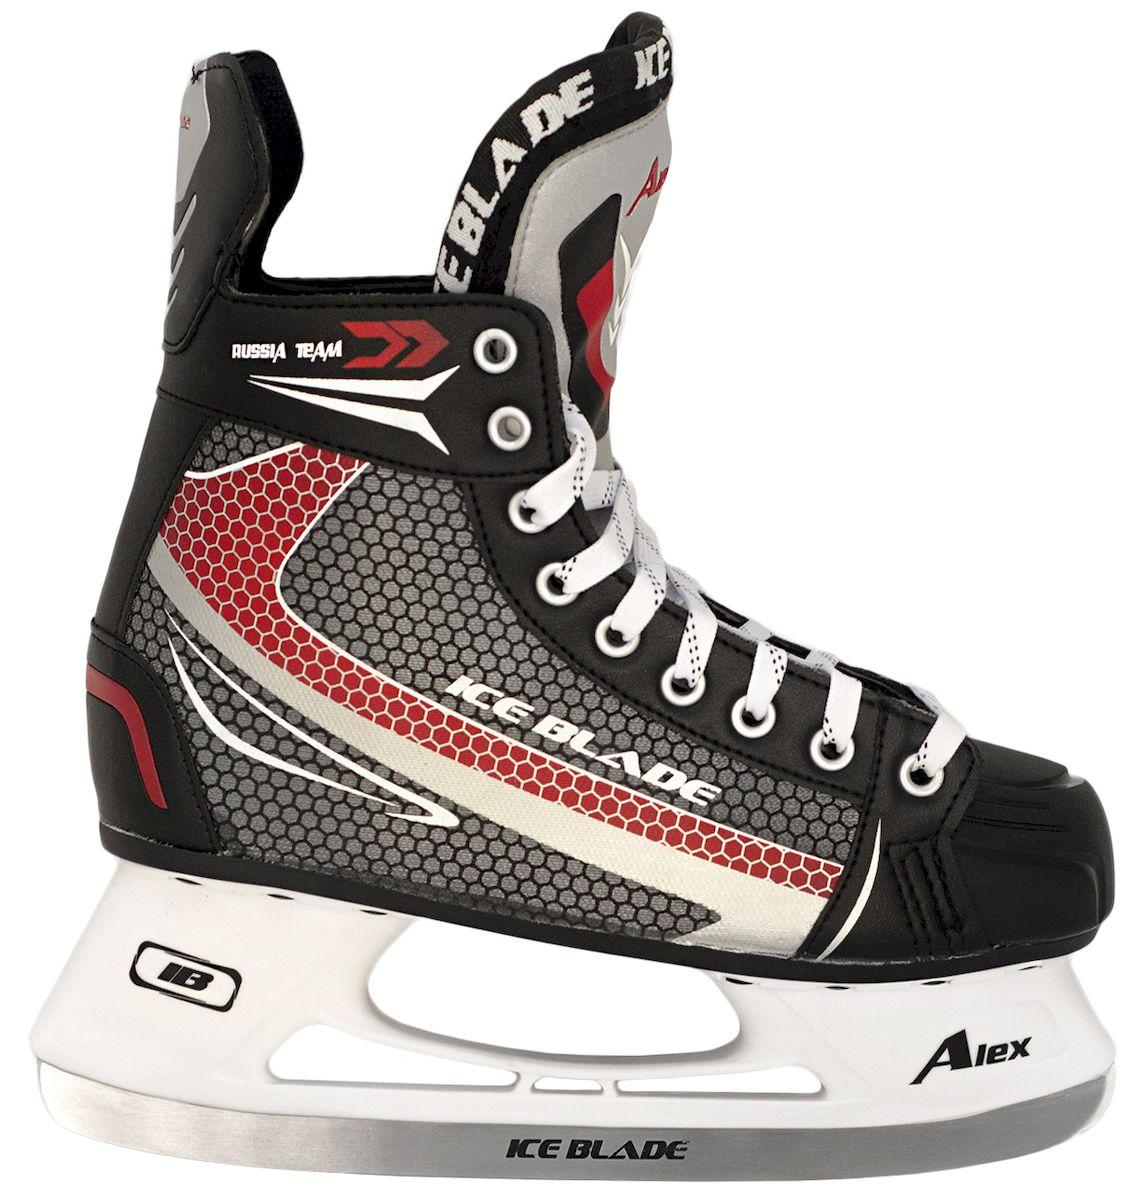 Коньки хоккейные Ice Blade Alex New, цвет: черный, красный, серый. УТ-00006868. Размер 46